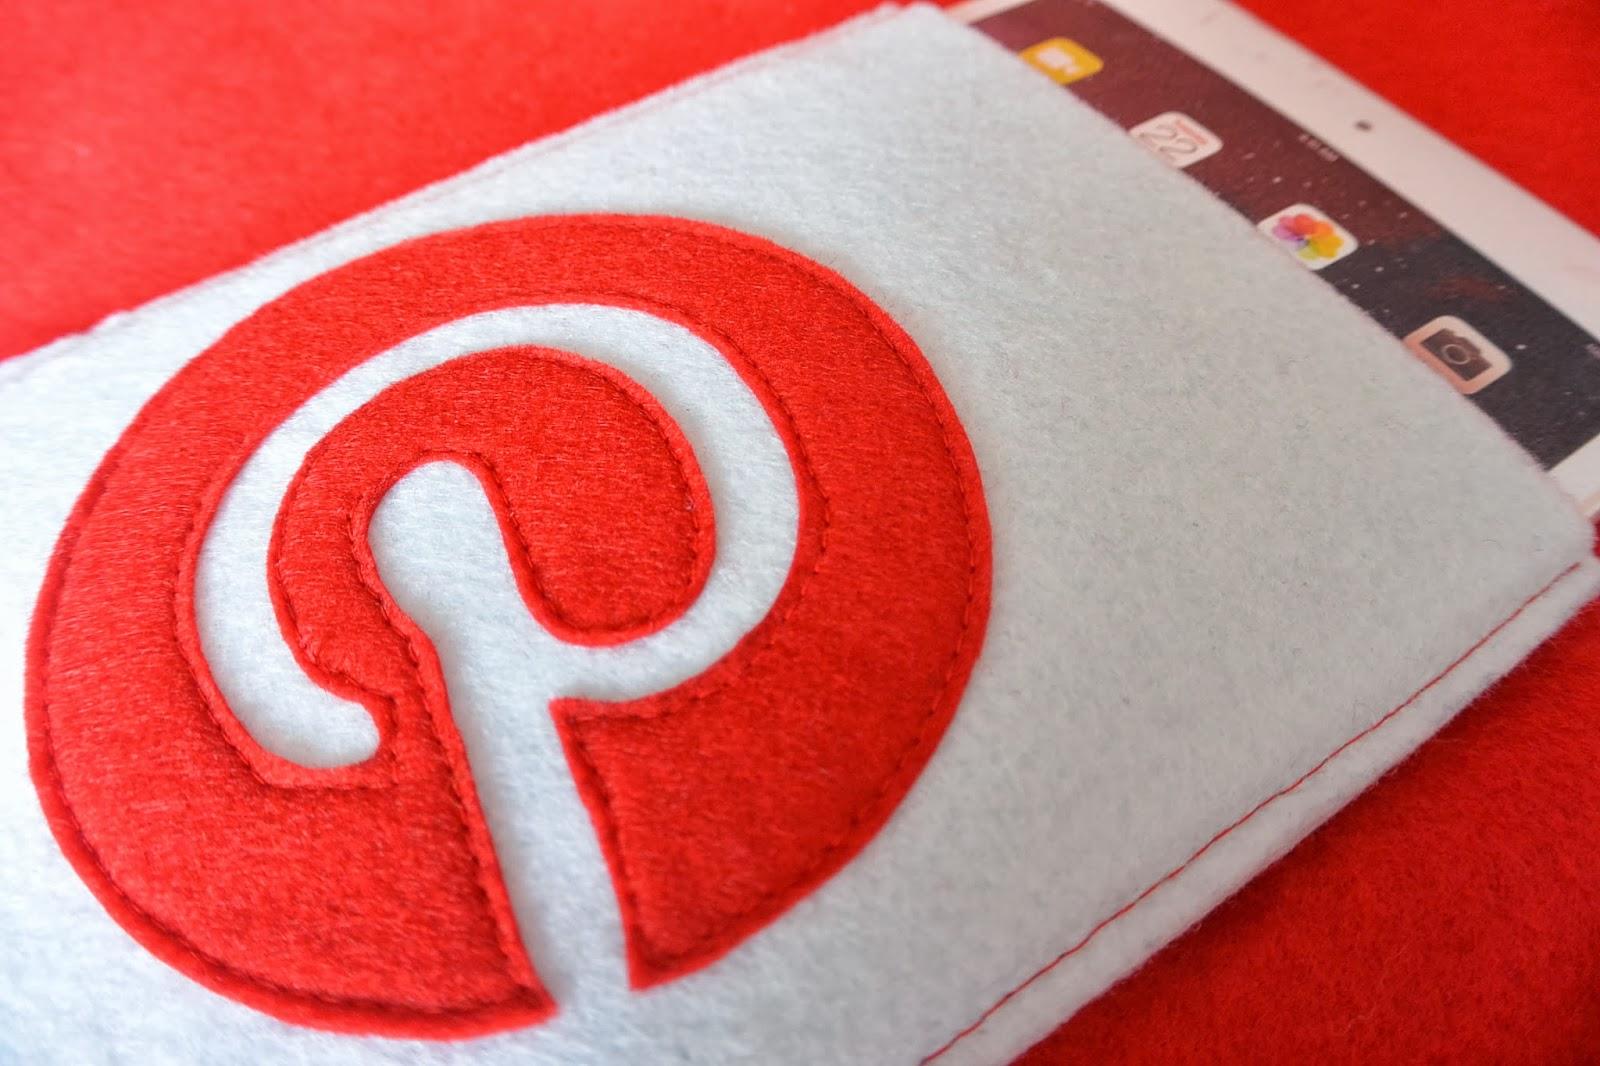 Housse en feutrine Pinterest pour votre iPad mini